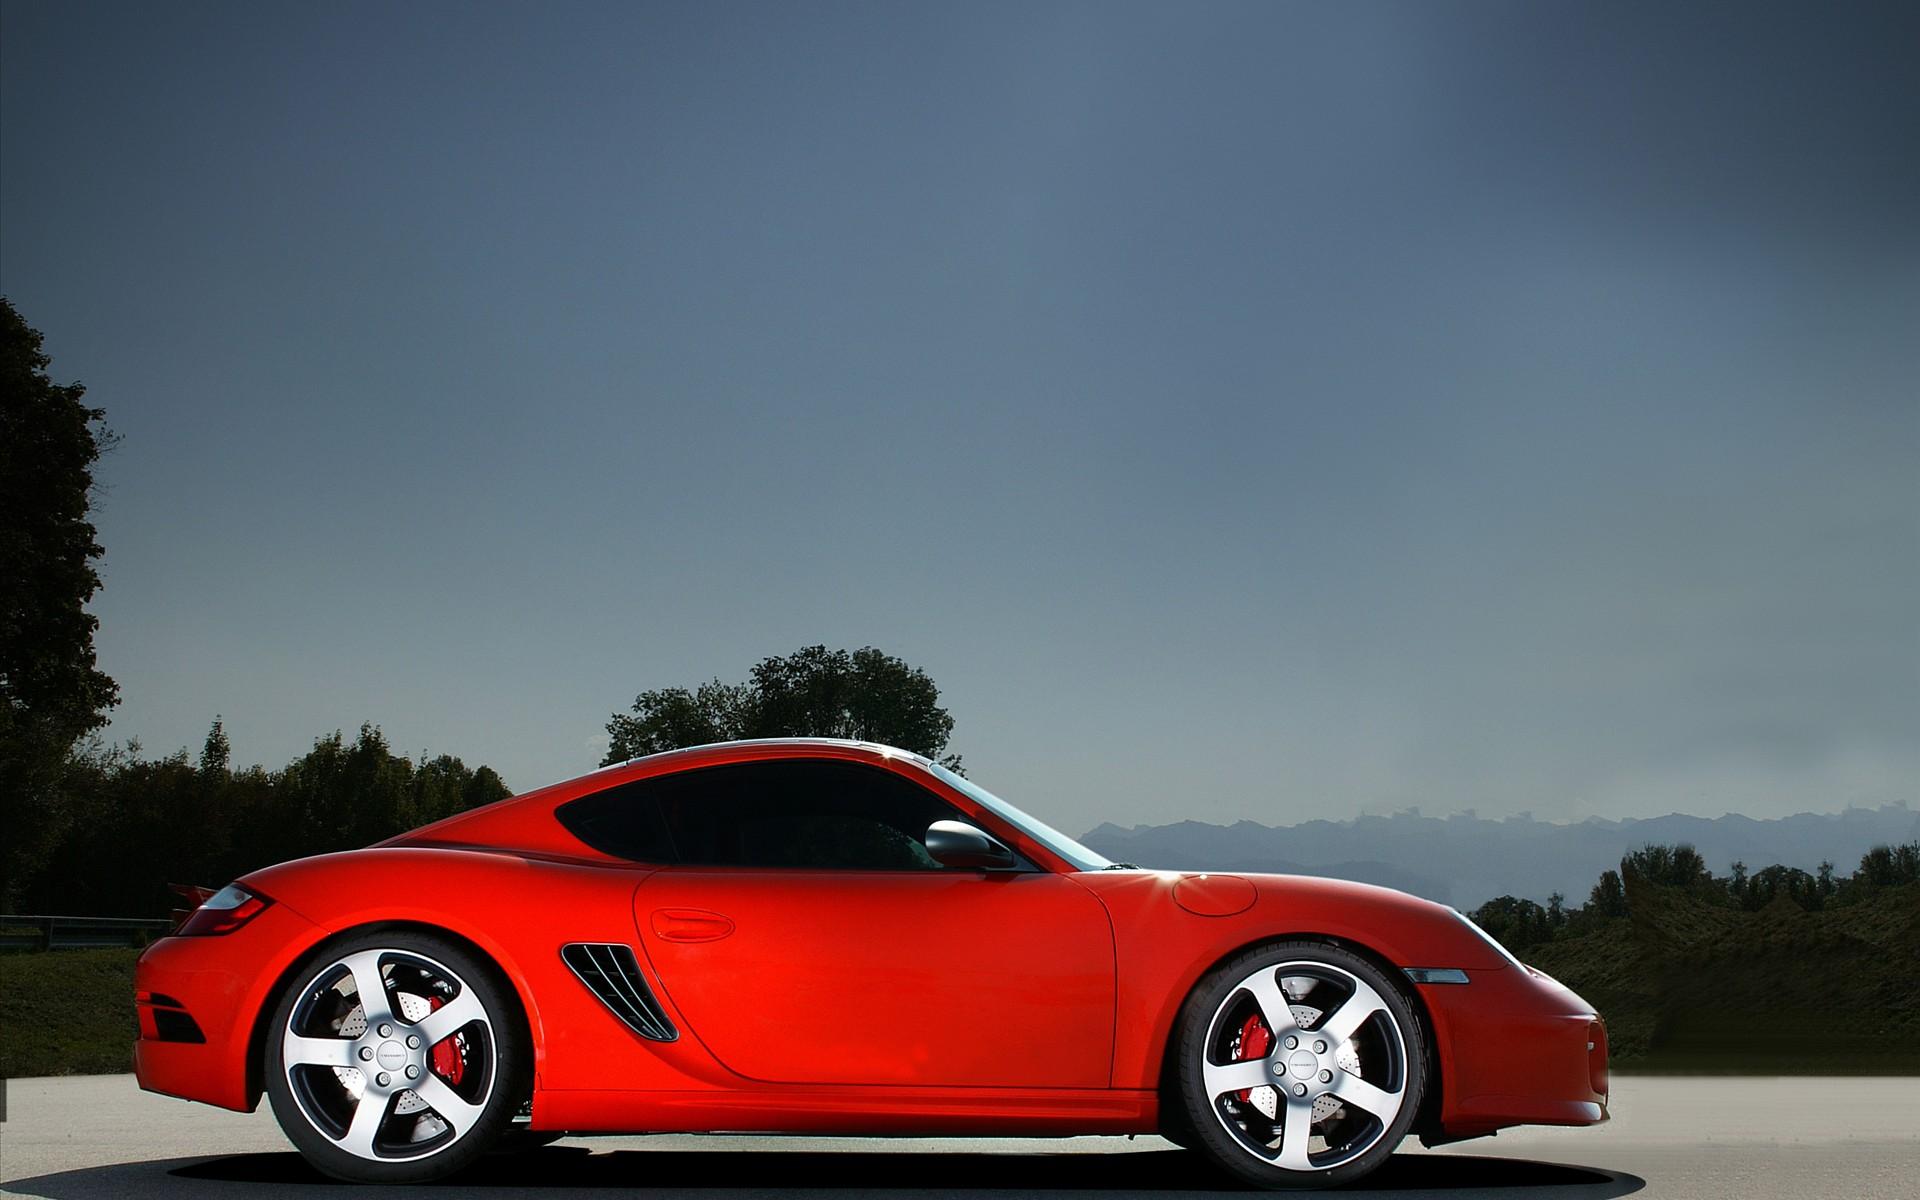 Hd Wallpaper 4k Iphone Mansory Porsche Cayman Boxster 2 Wallpaper Hd Car